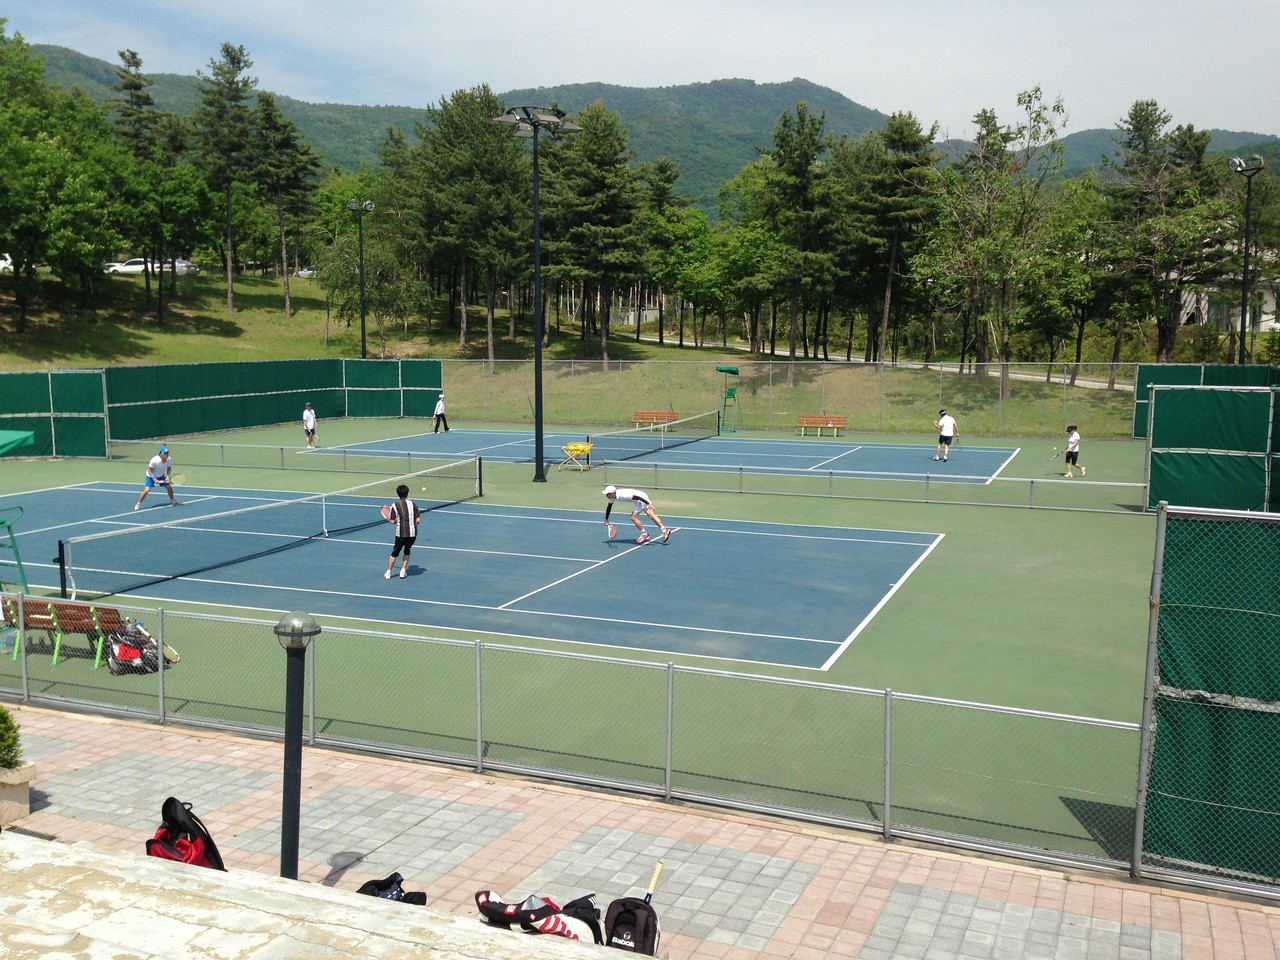 2013年6月1日、2日 合宿のテニスコート。